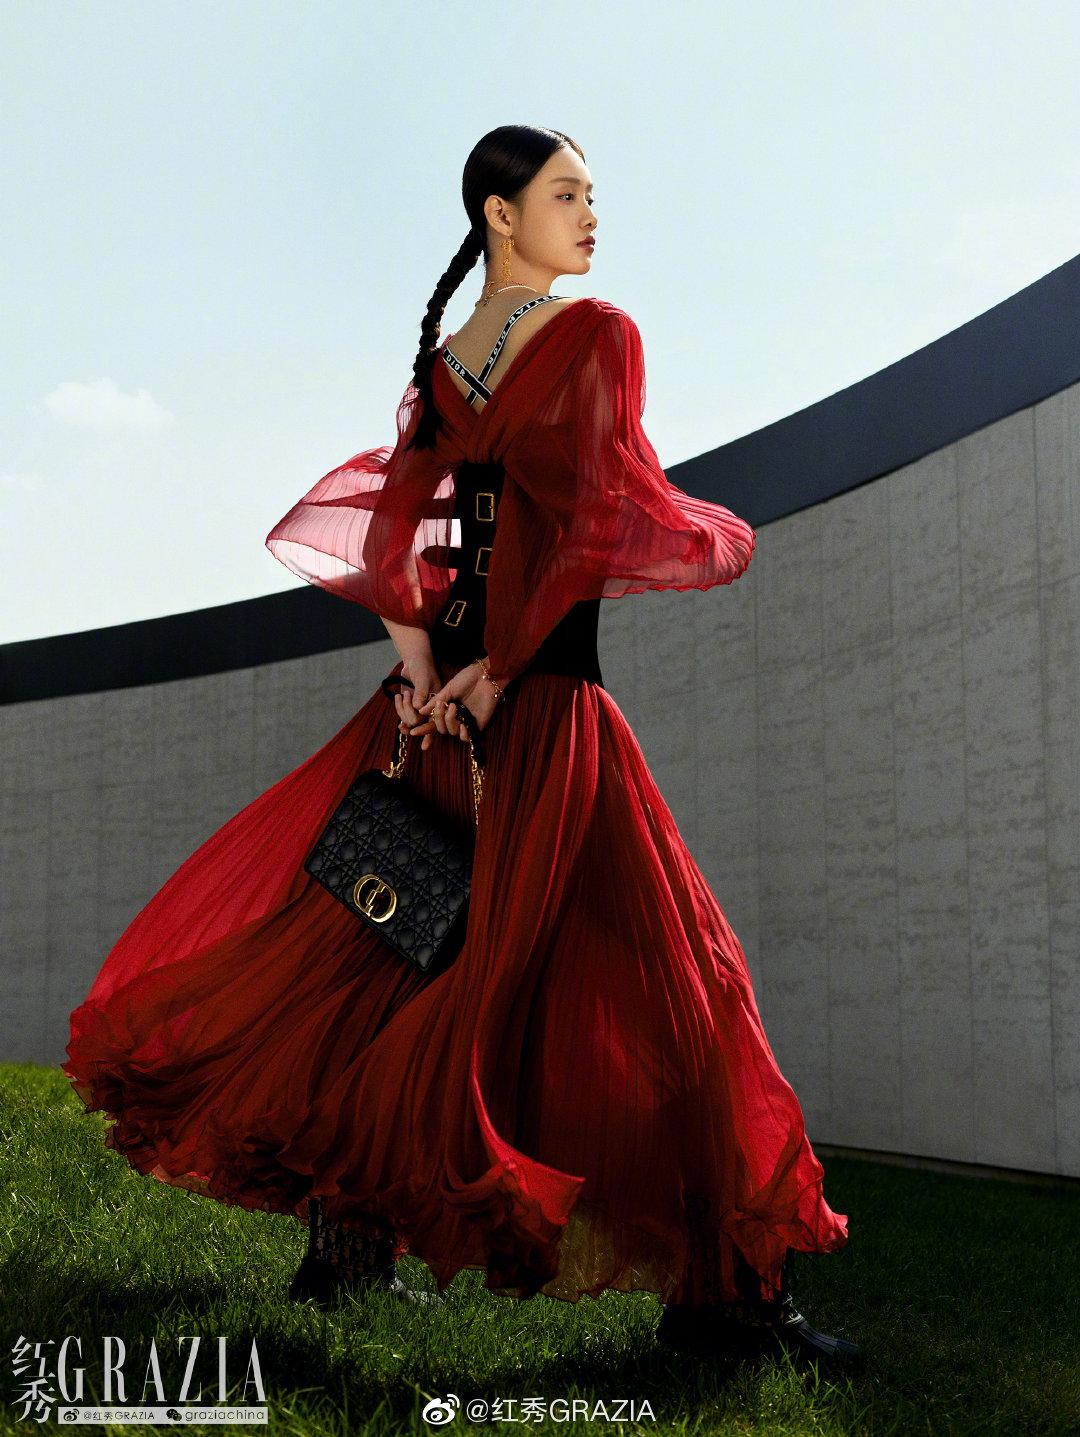 孙伊涵 出镜《红秀GRAZIA》489期红秀fashion attitude大片,精致的印花夹克搭配着刺绣纱裙,随风飘扬尽显迷人风采。